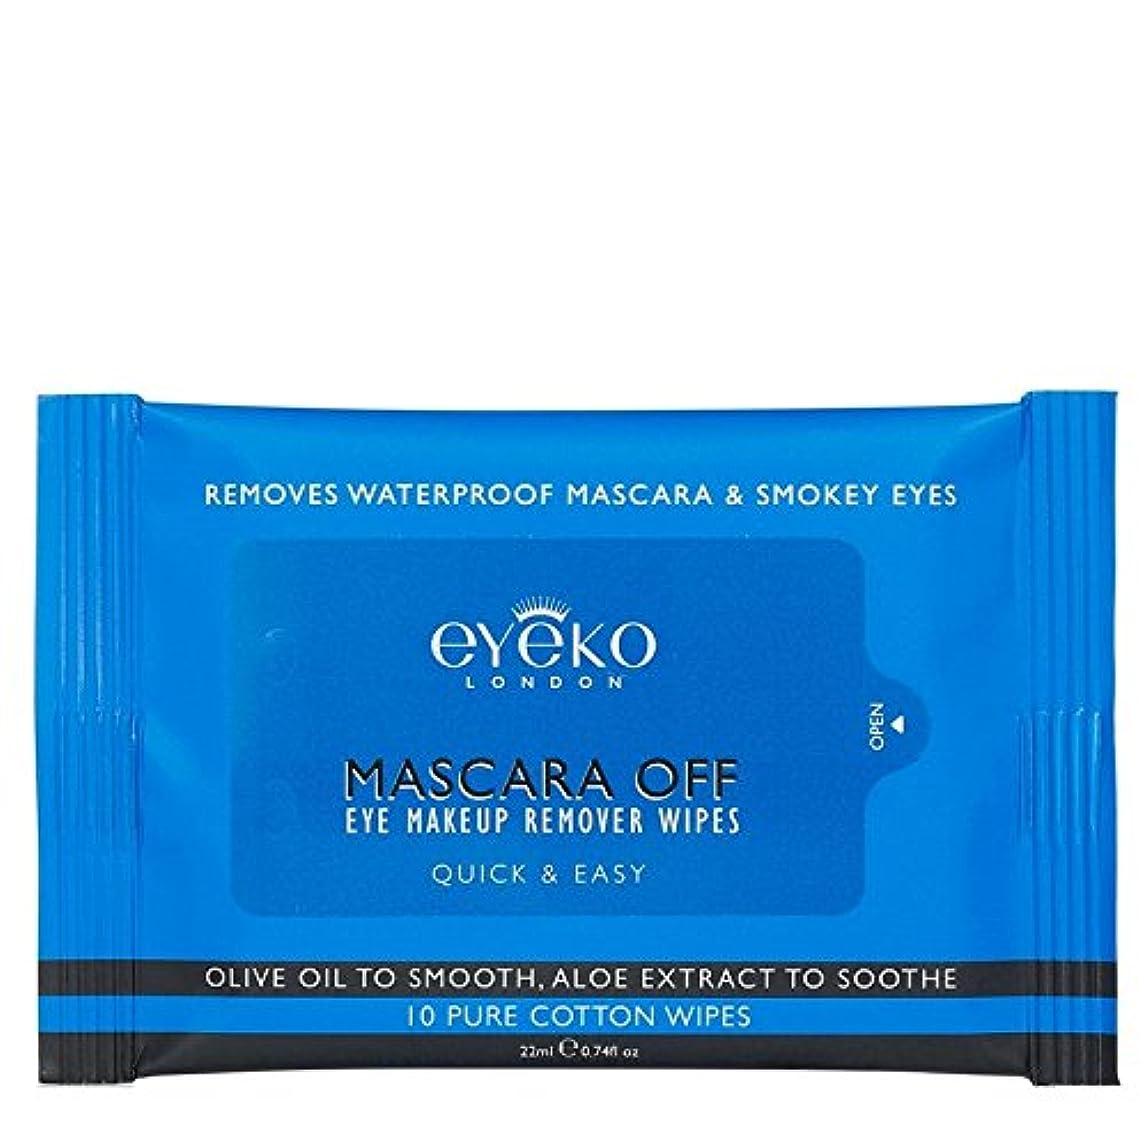 ポール回転する壮大なマスカラオフパックあたり10ワイプ x4 - Eyeko Mascara off Wipes 10 per pack (Pack of 4) [並行輸入品]